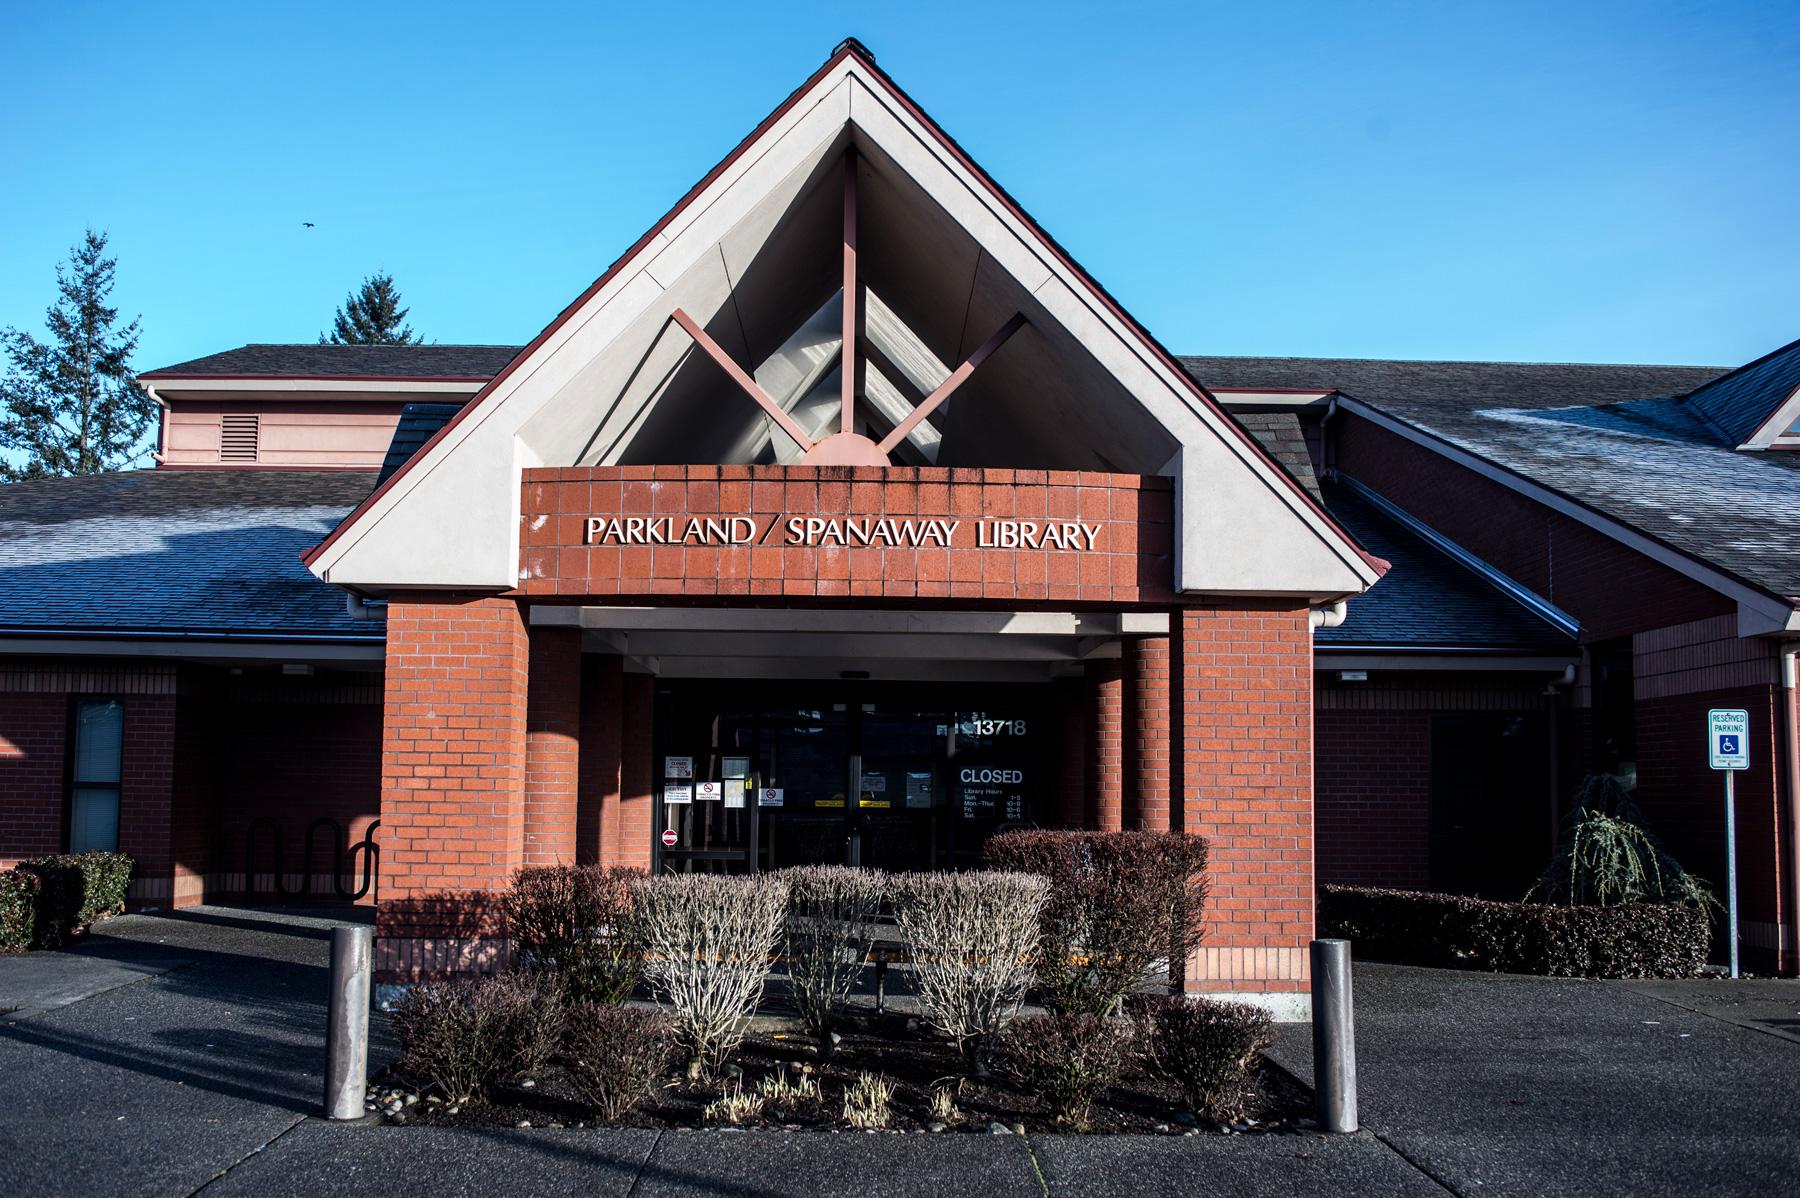 Pierce County, Parkland Spanaway Branch, WA